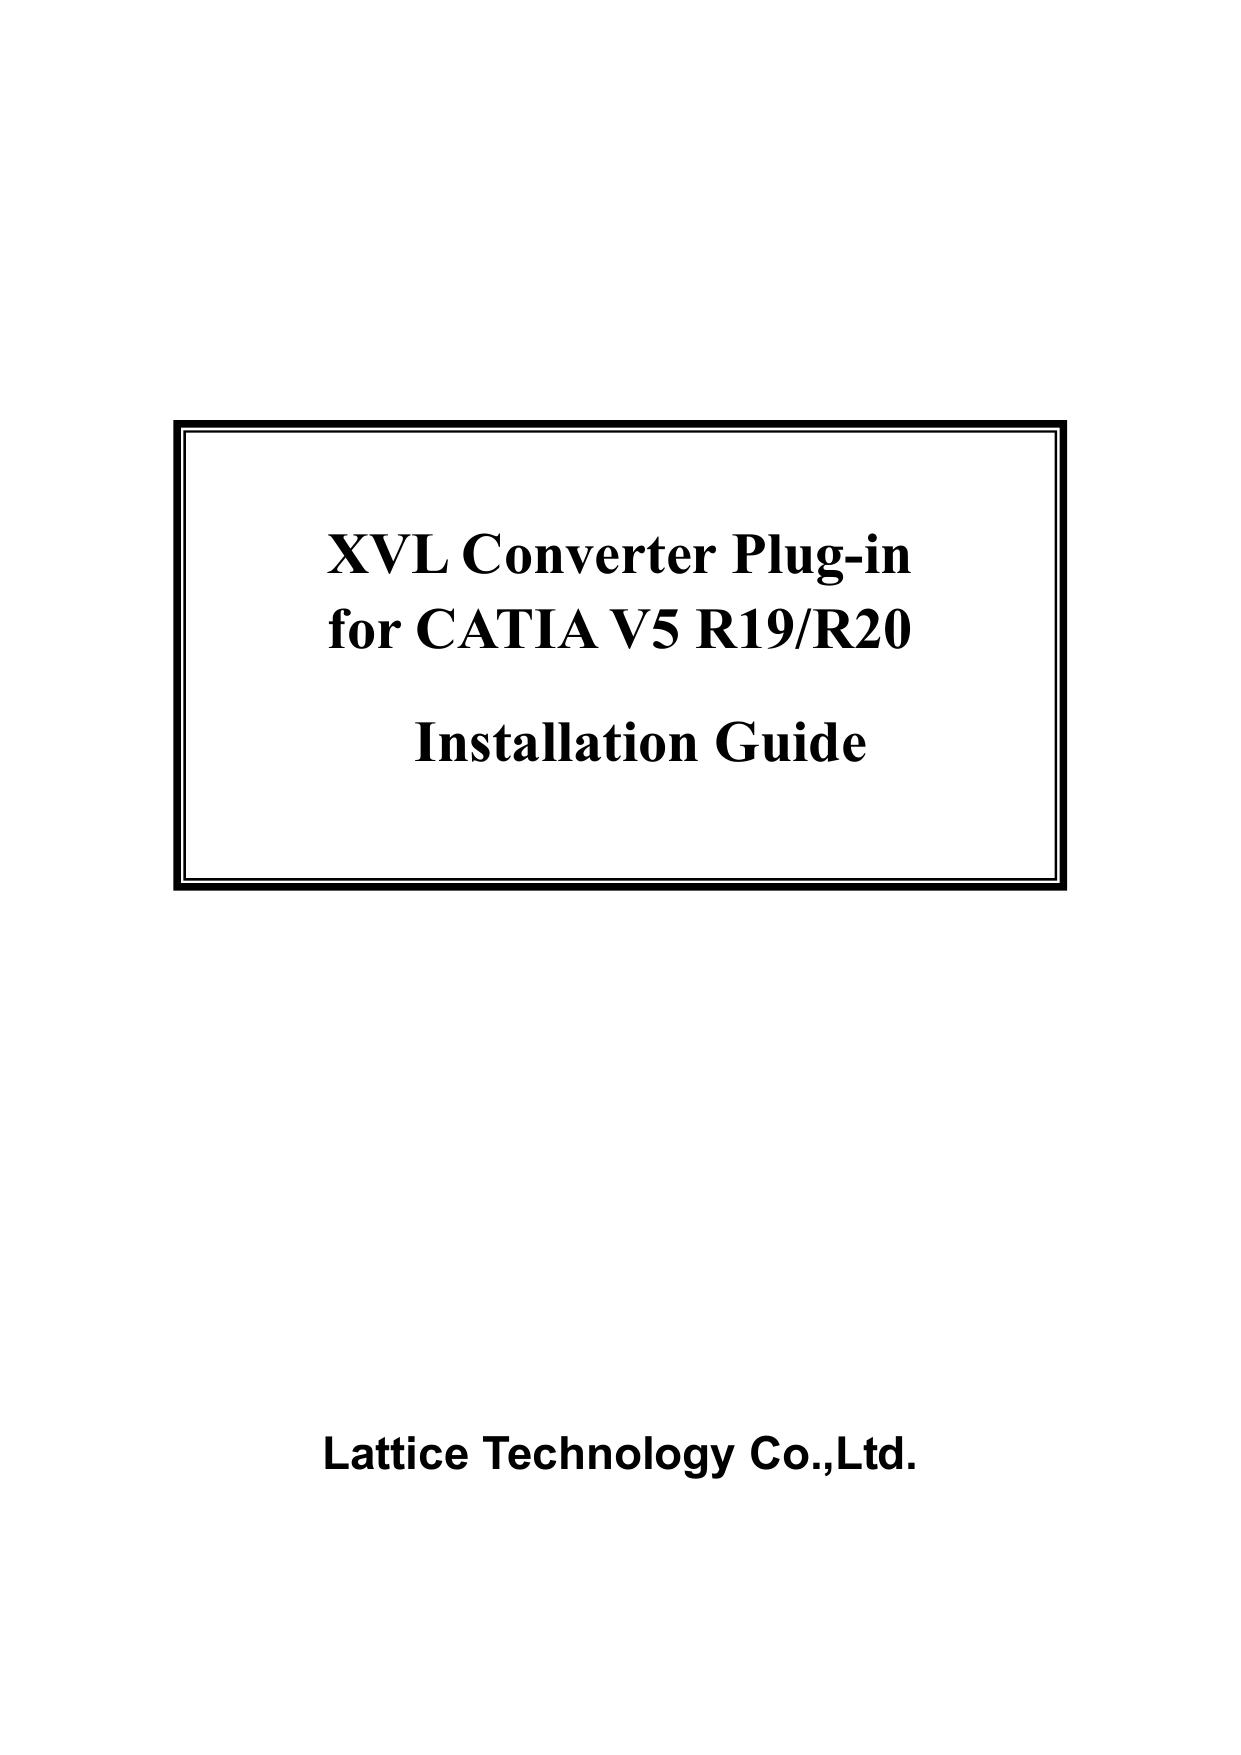 XVL Converter Plug-in for CATIA V5 R19/R20 Installation